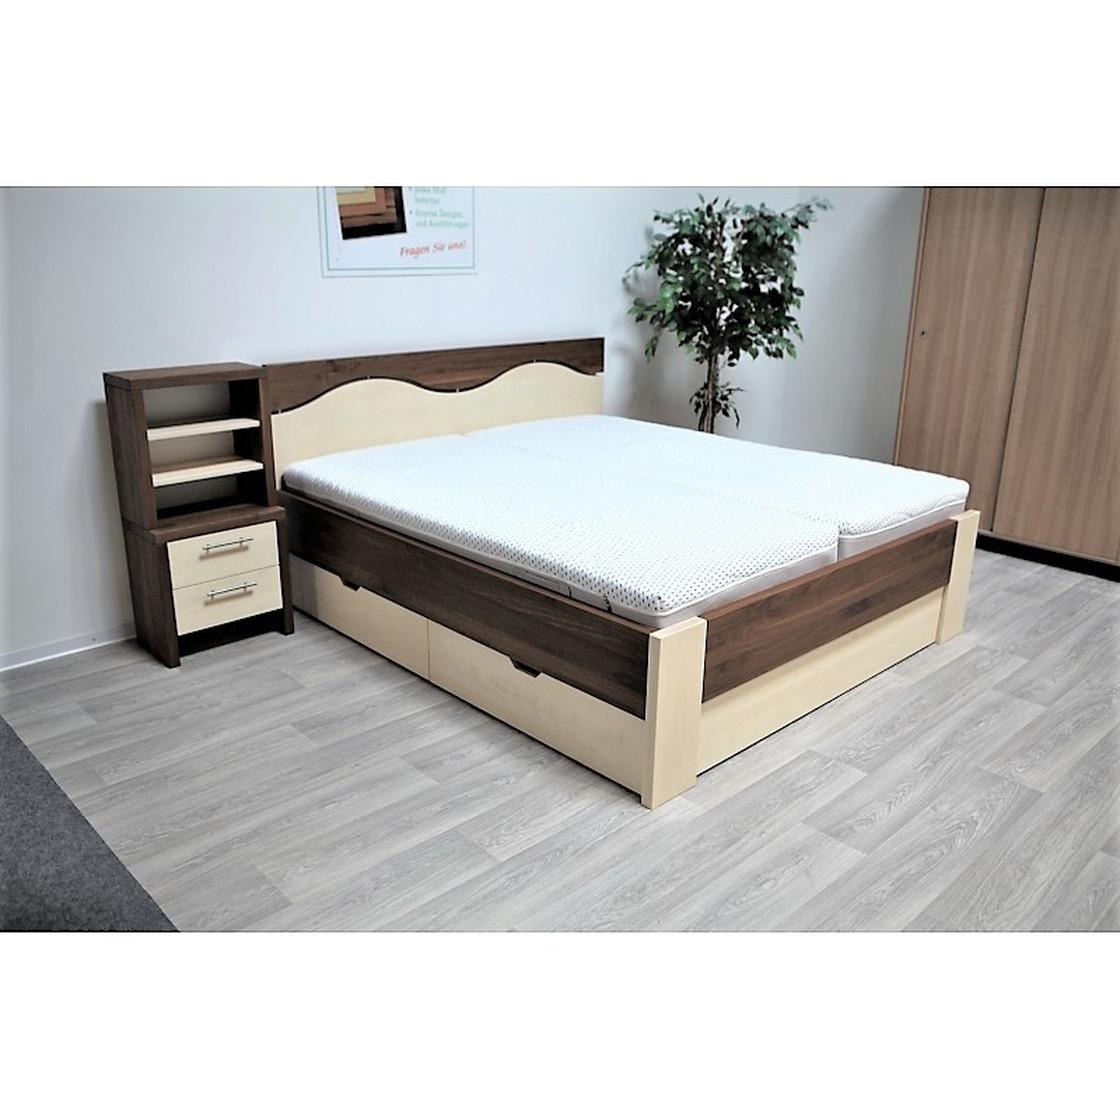 Full Size of Bett 200x200 Weiß Betten Stauraum Mit Bettkasten Komforthöhe Wohnzimmer Stauraumbett 200x200